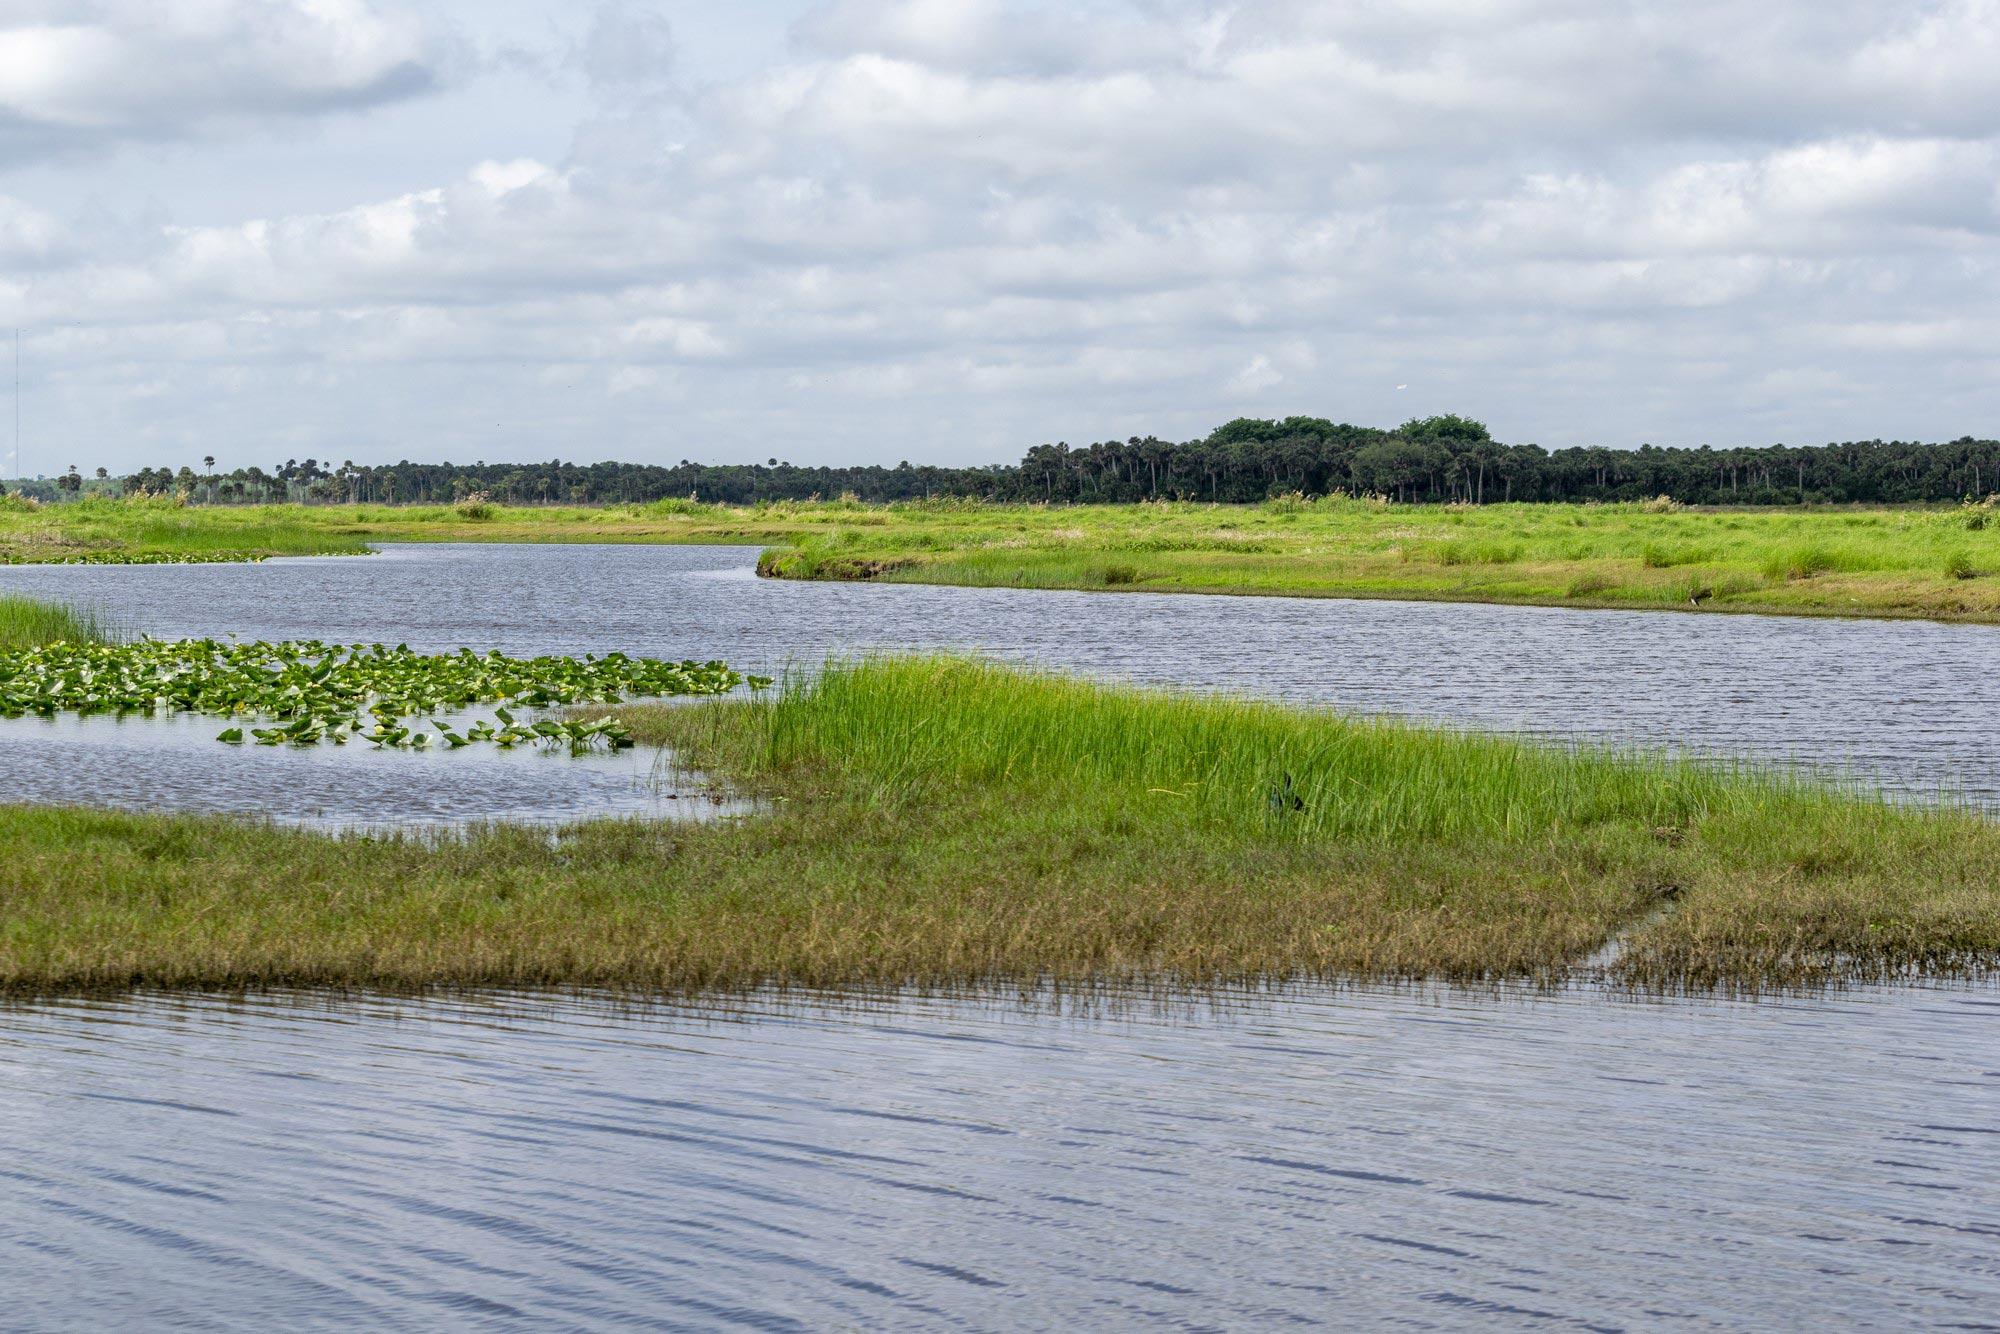 Submerged vegetation at Puzzle Lake